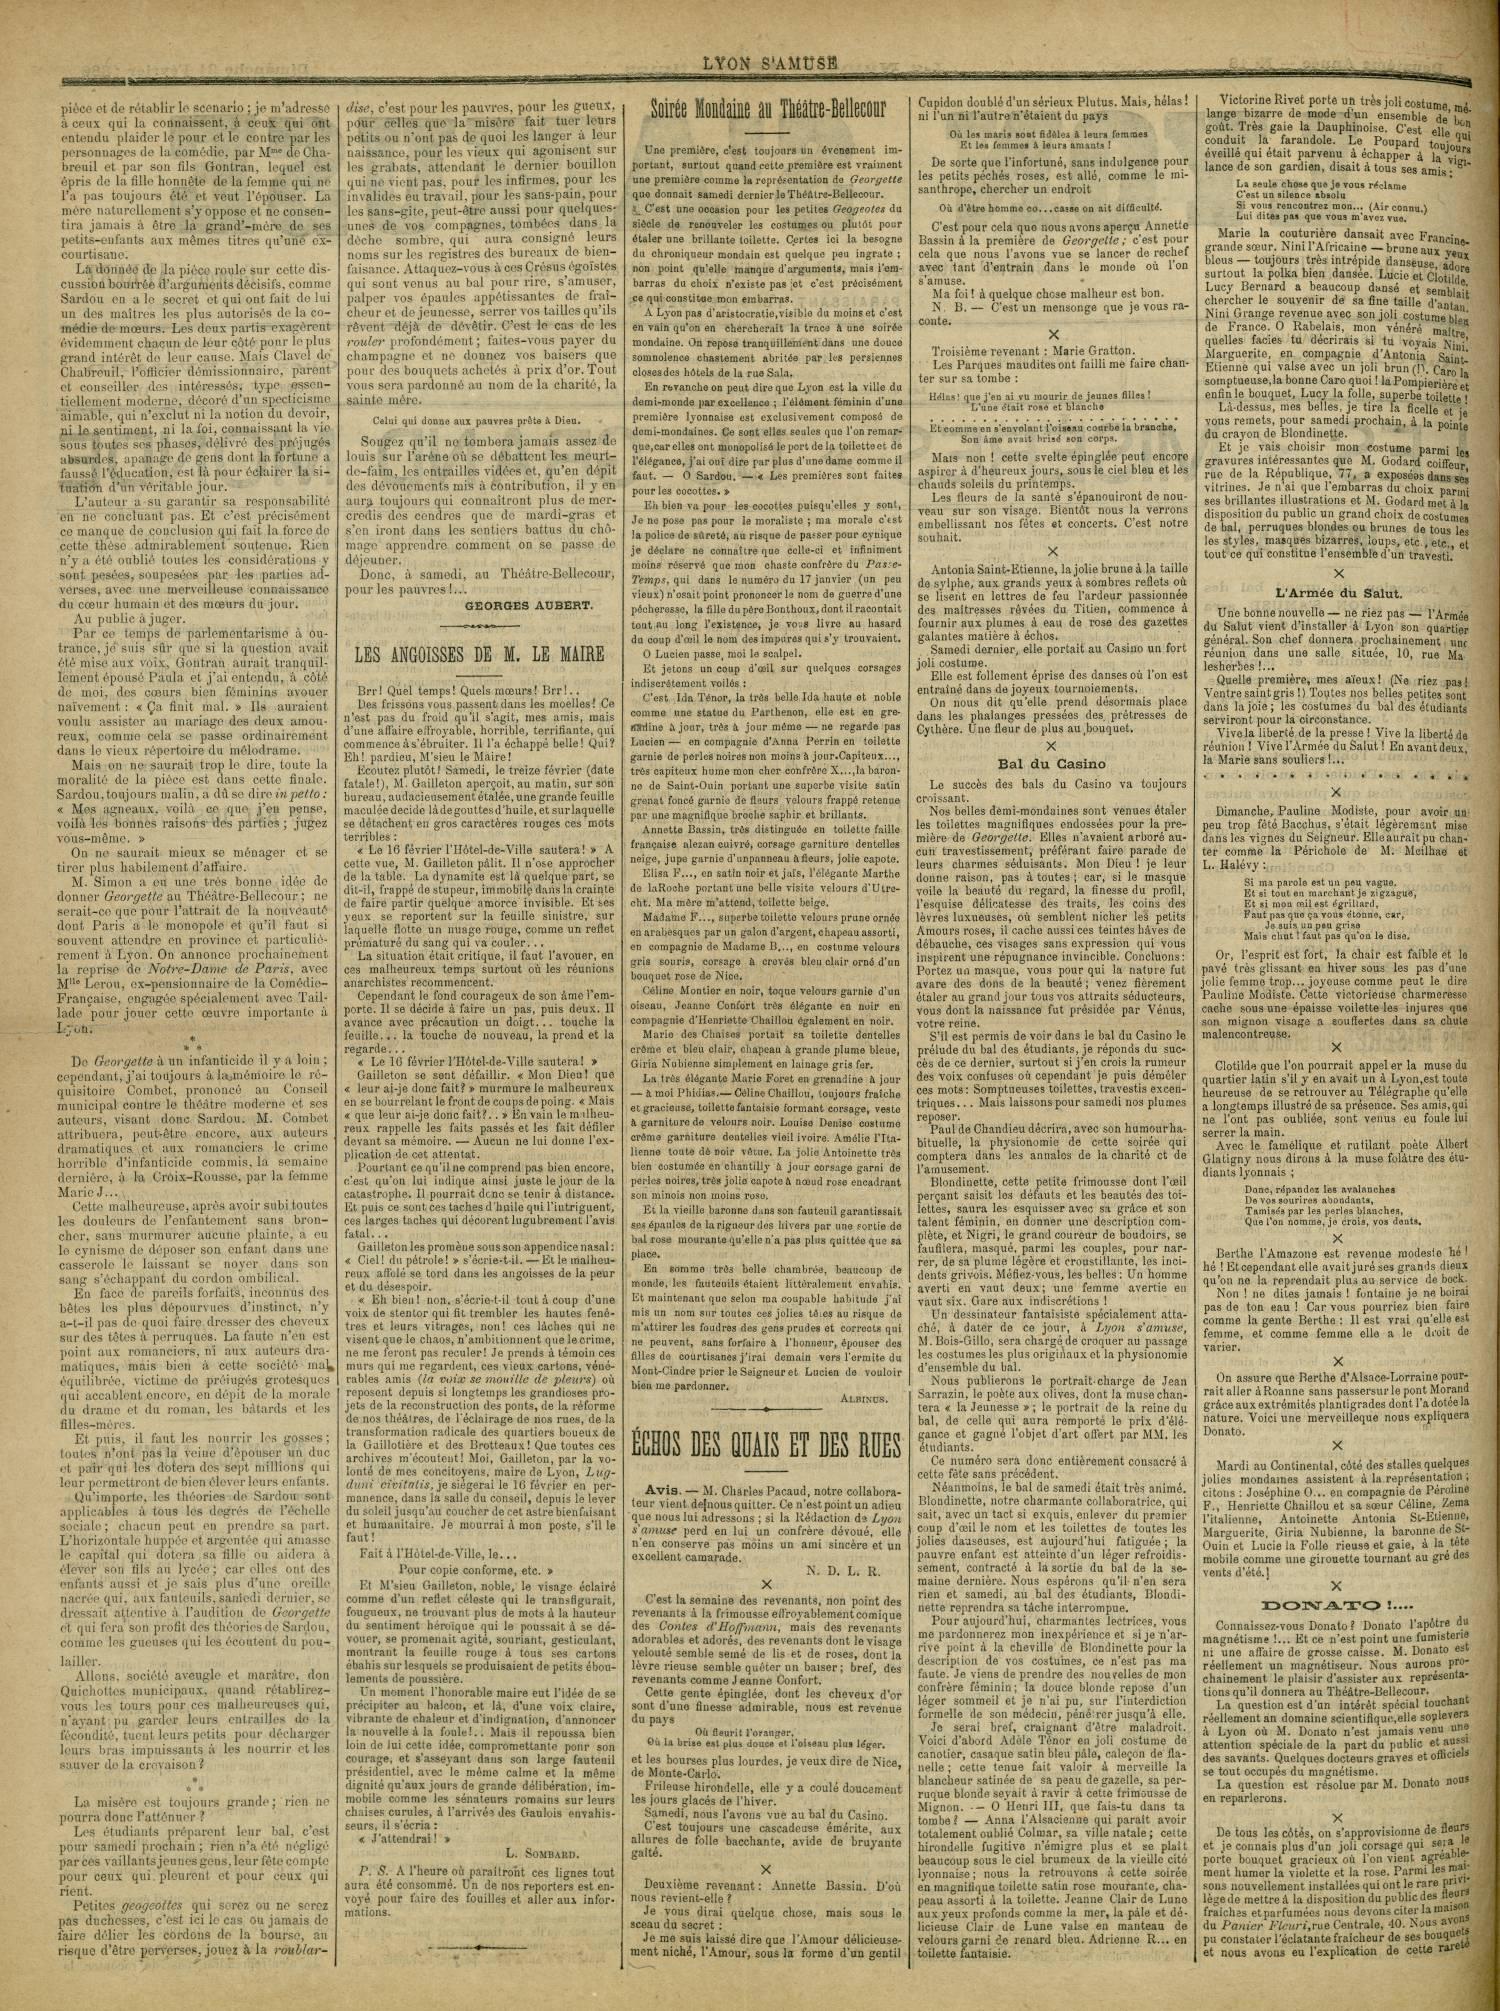 Contenu textuel de l'image : Soirée Mondaine au Théàtre-Bellecour